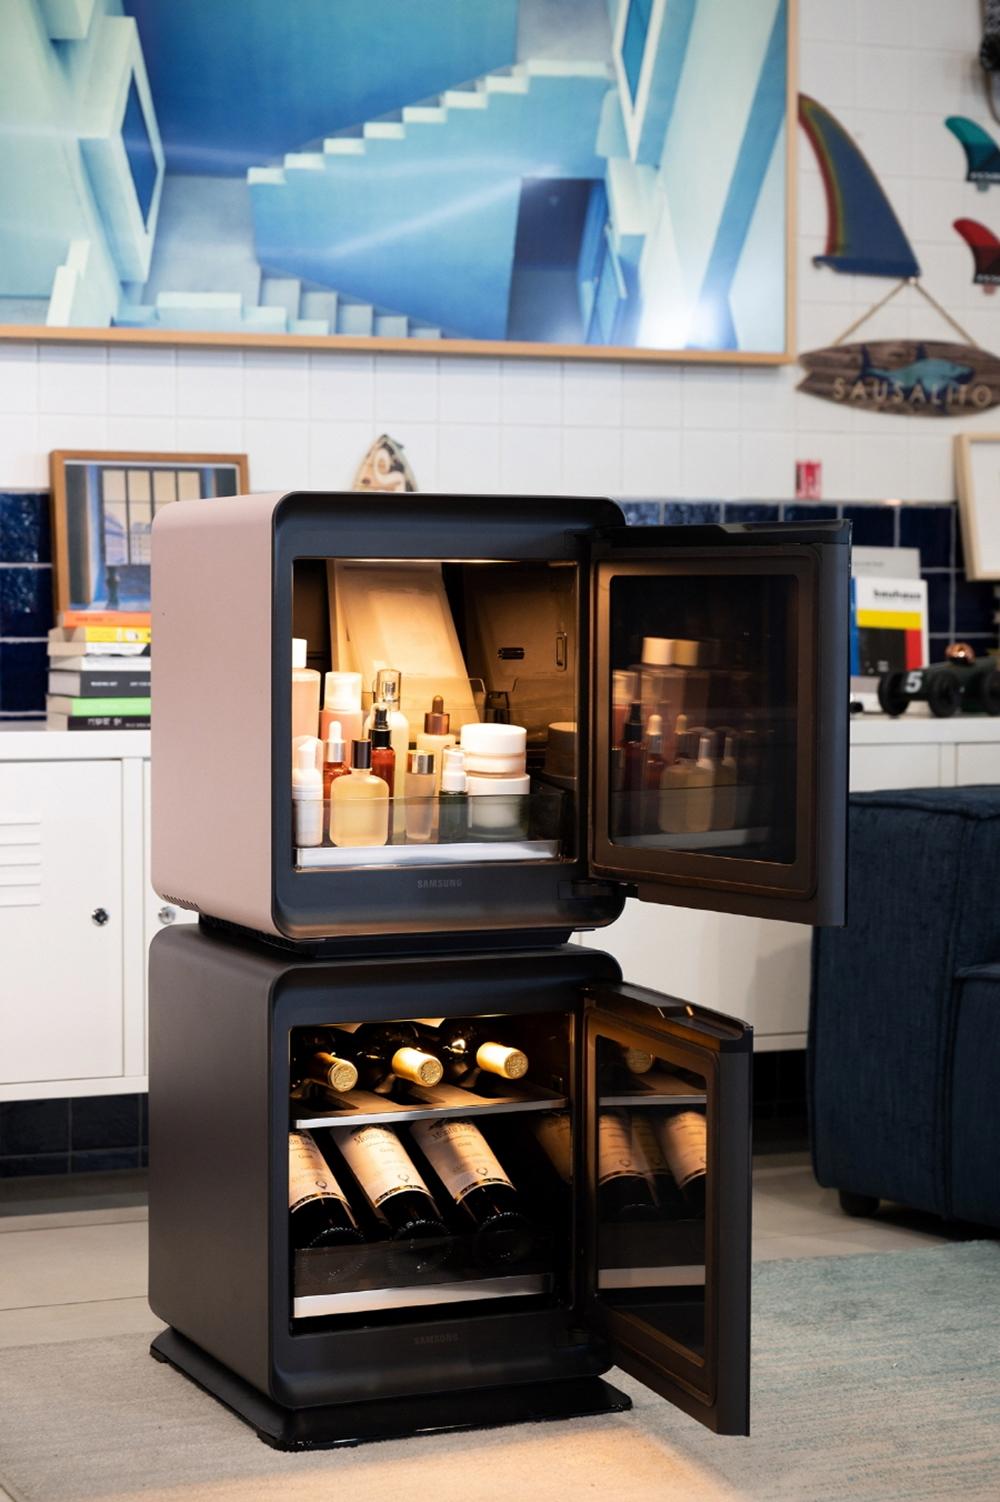 문이 열려있는 삼성 비스포크 큐브 제품 사진